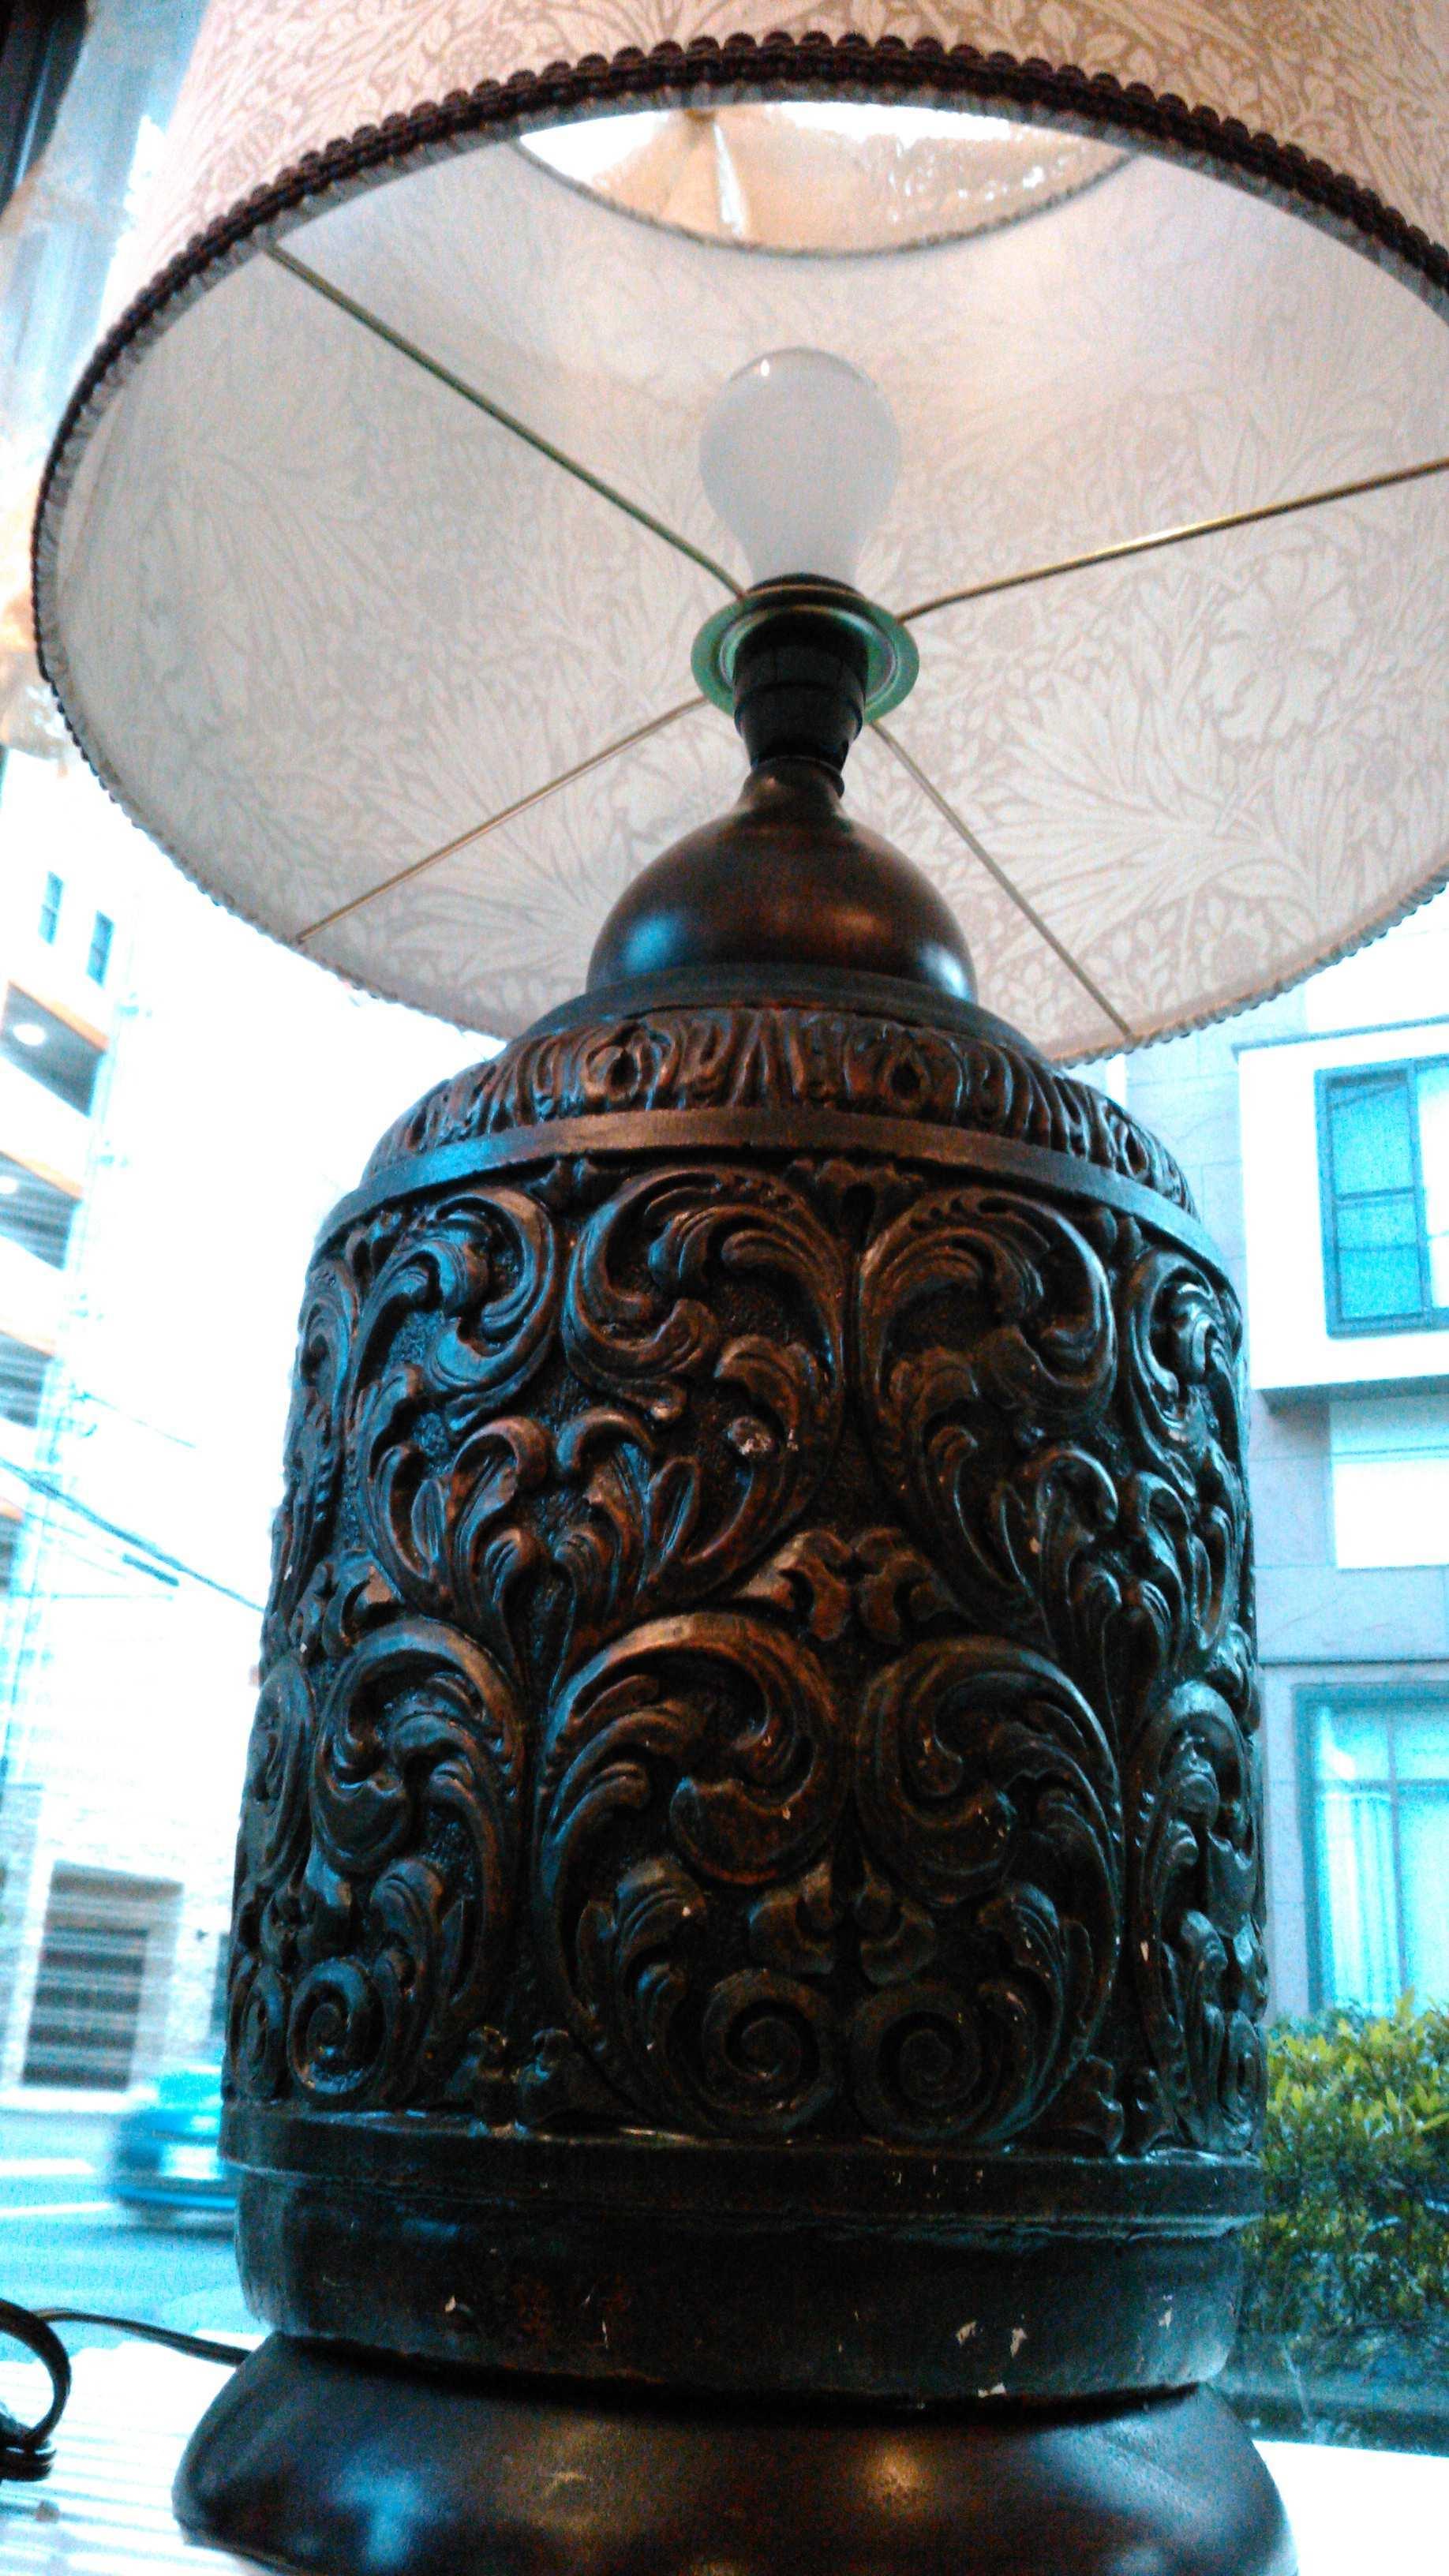 ランプシェード張替・修理 モリス『マリーゴールド』 ウィリアムモリス正規販売店のブライト_c0157866_17365438.jpg